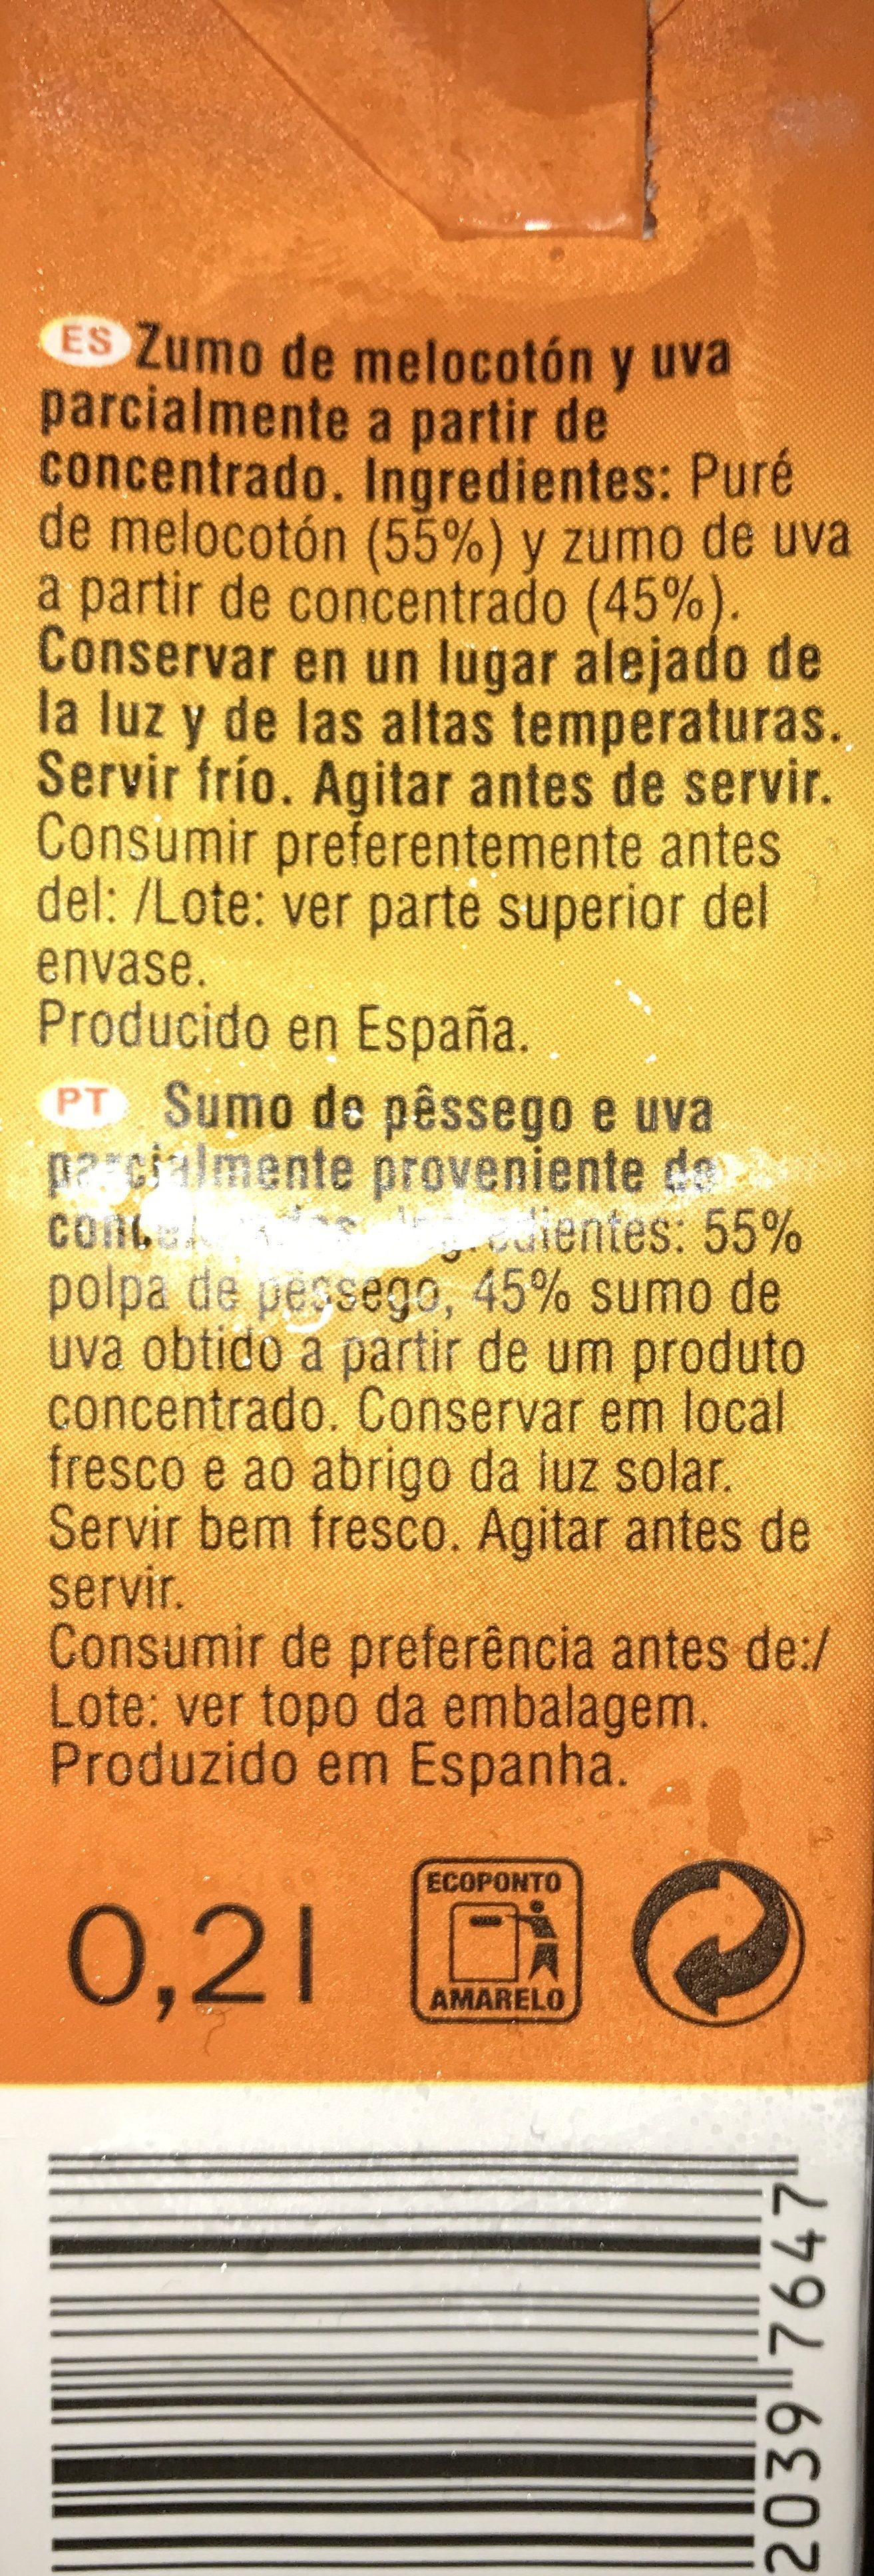 Zumo Melocotón y Uva - Ingredientes - fr